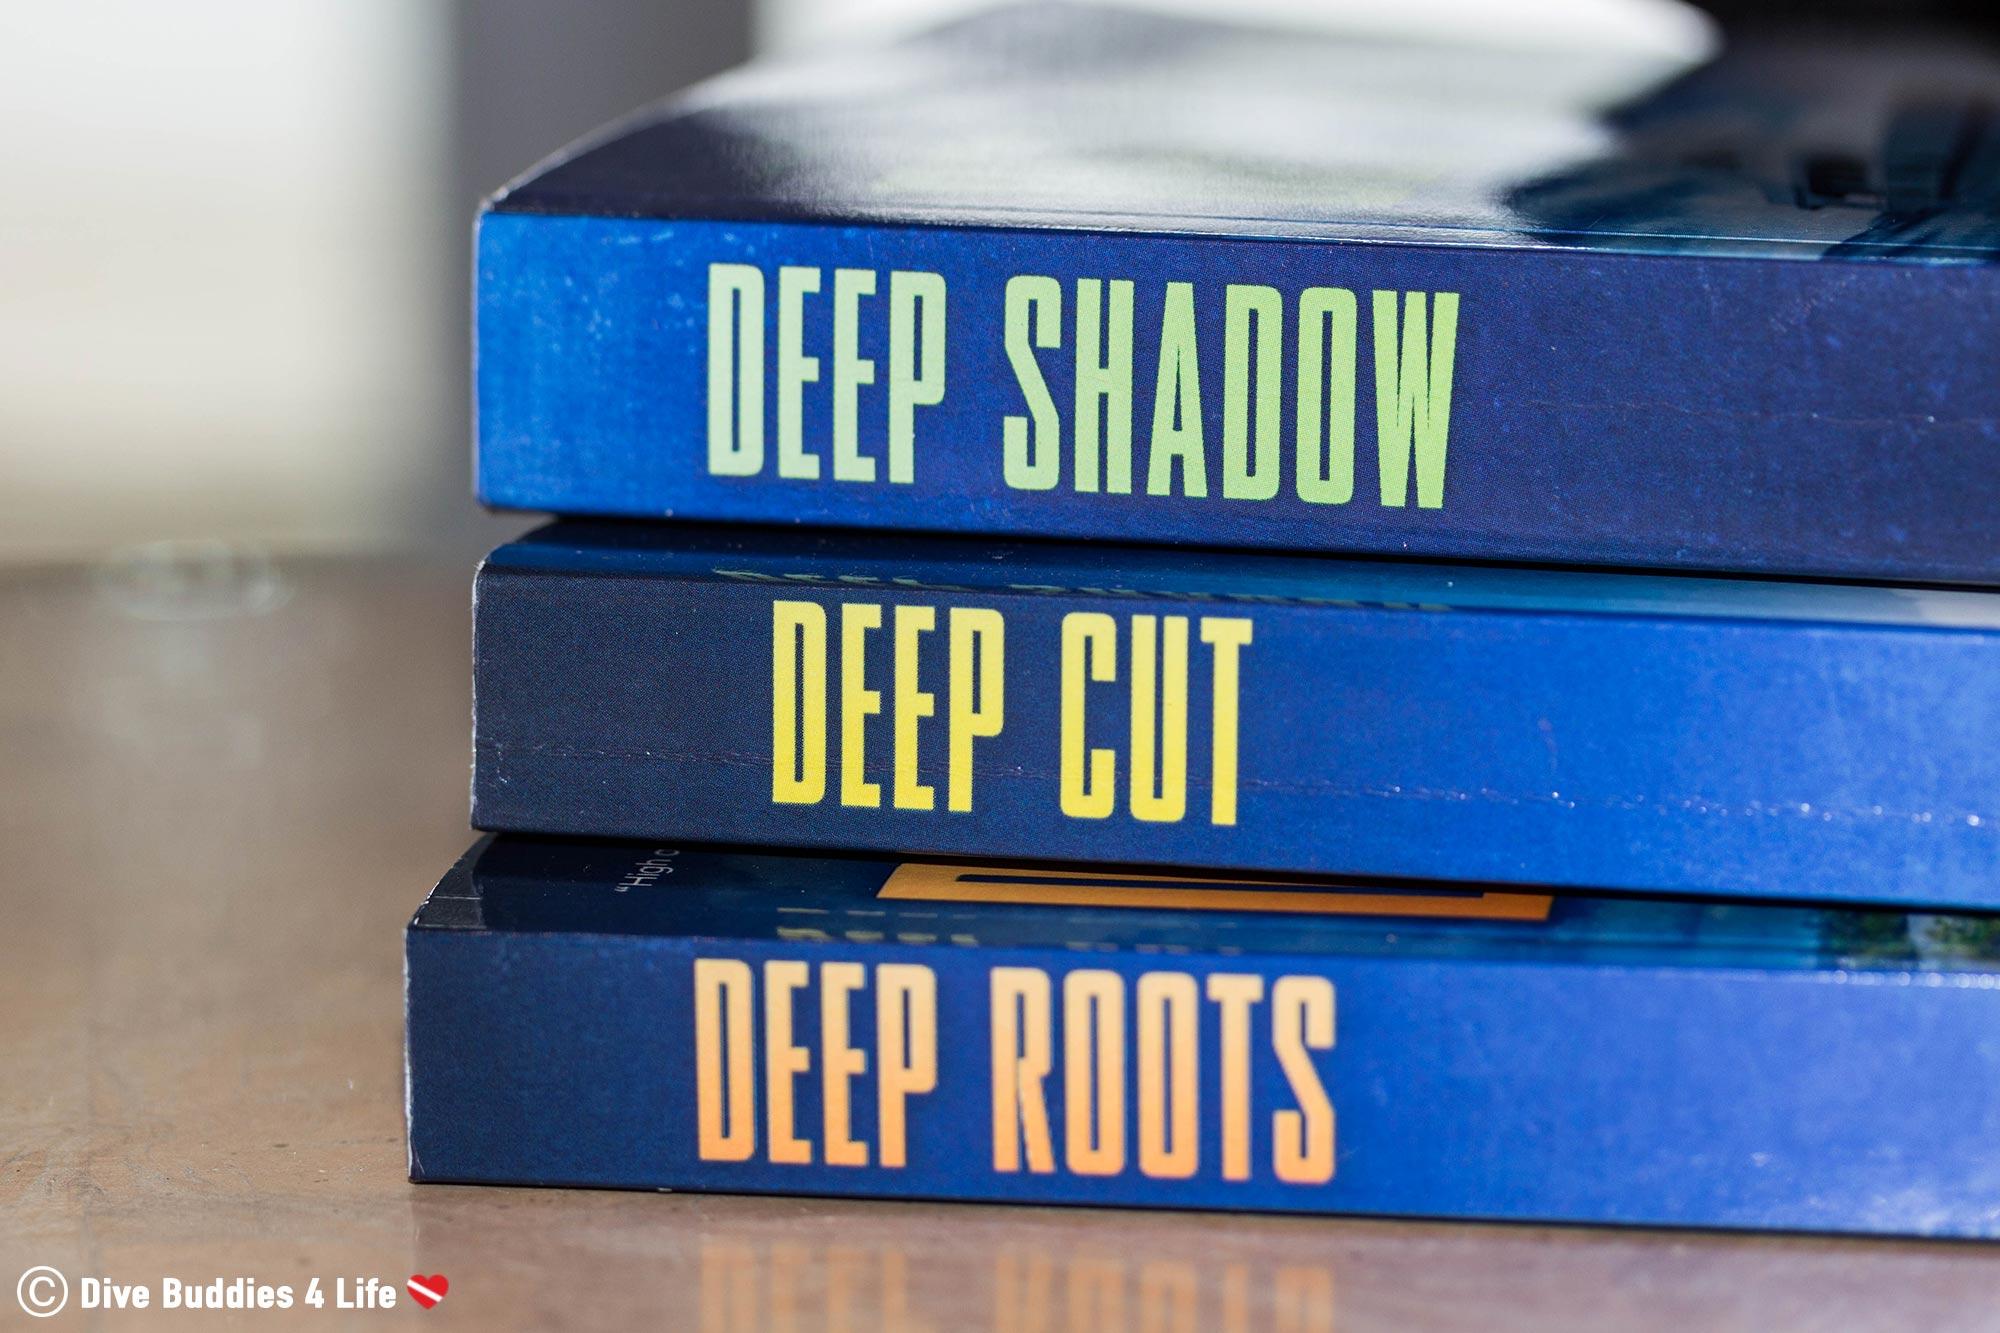 Deep Cut Part Of The Deep Scuba Diving Novel Series By Nick Sullivan